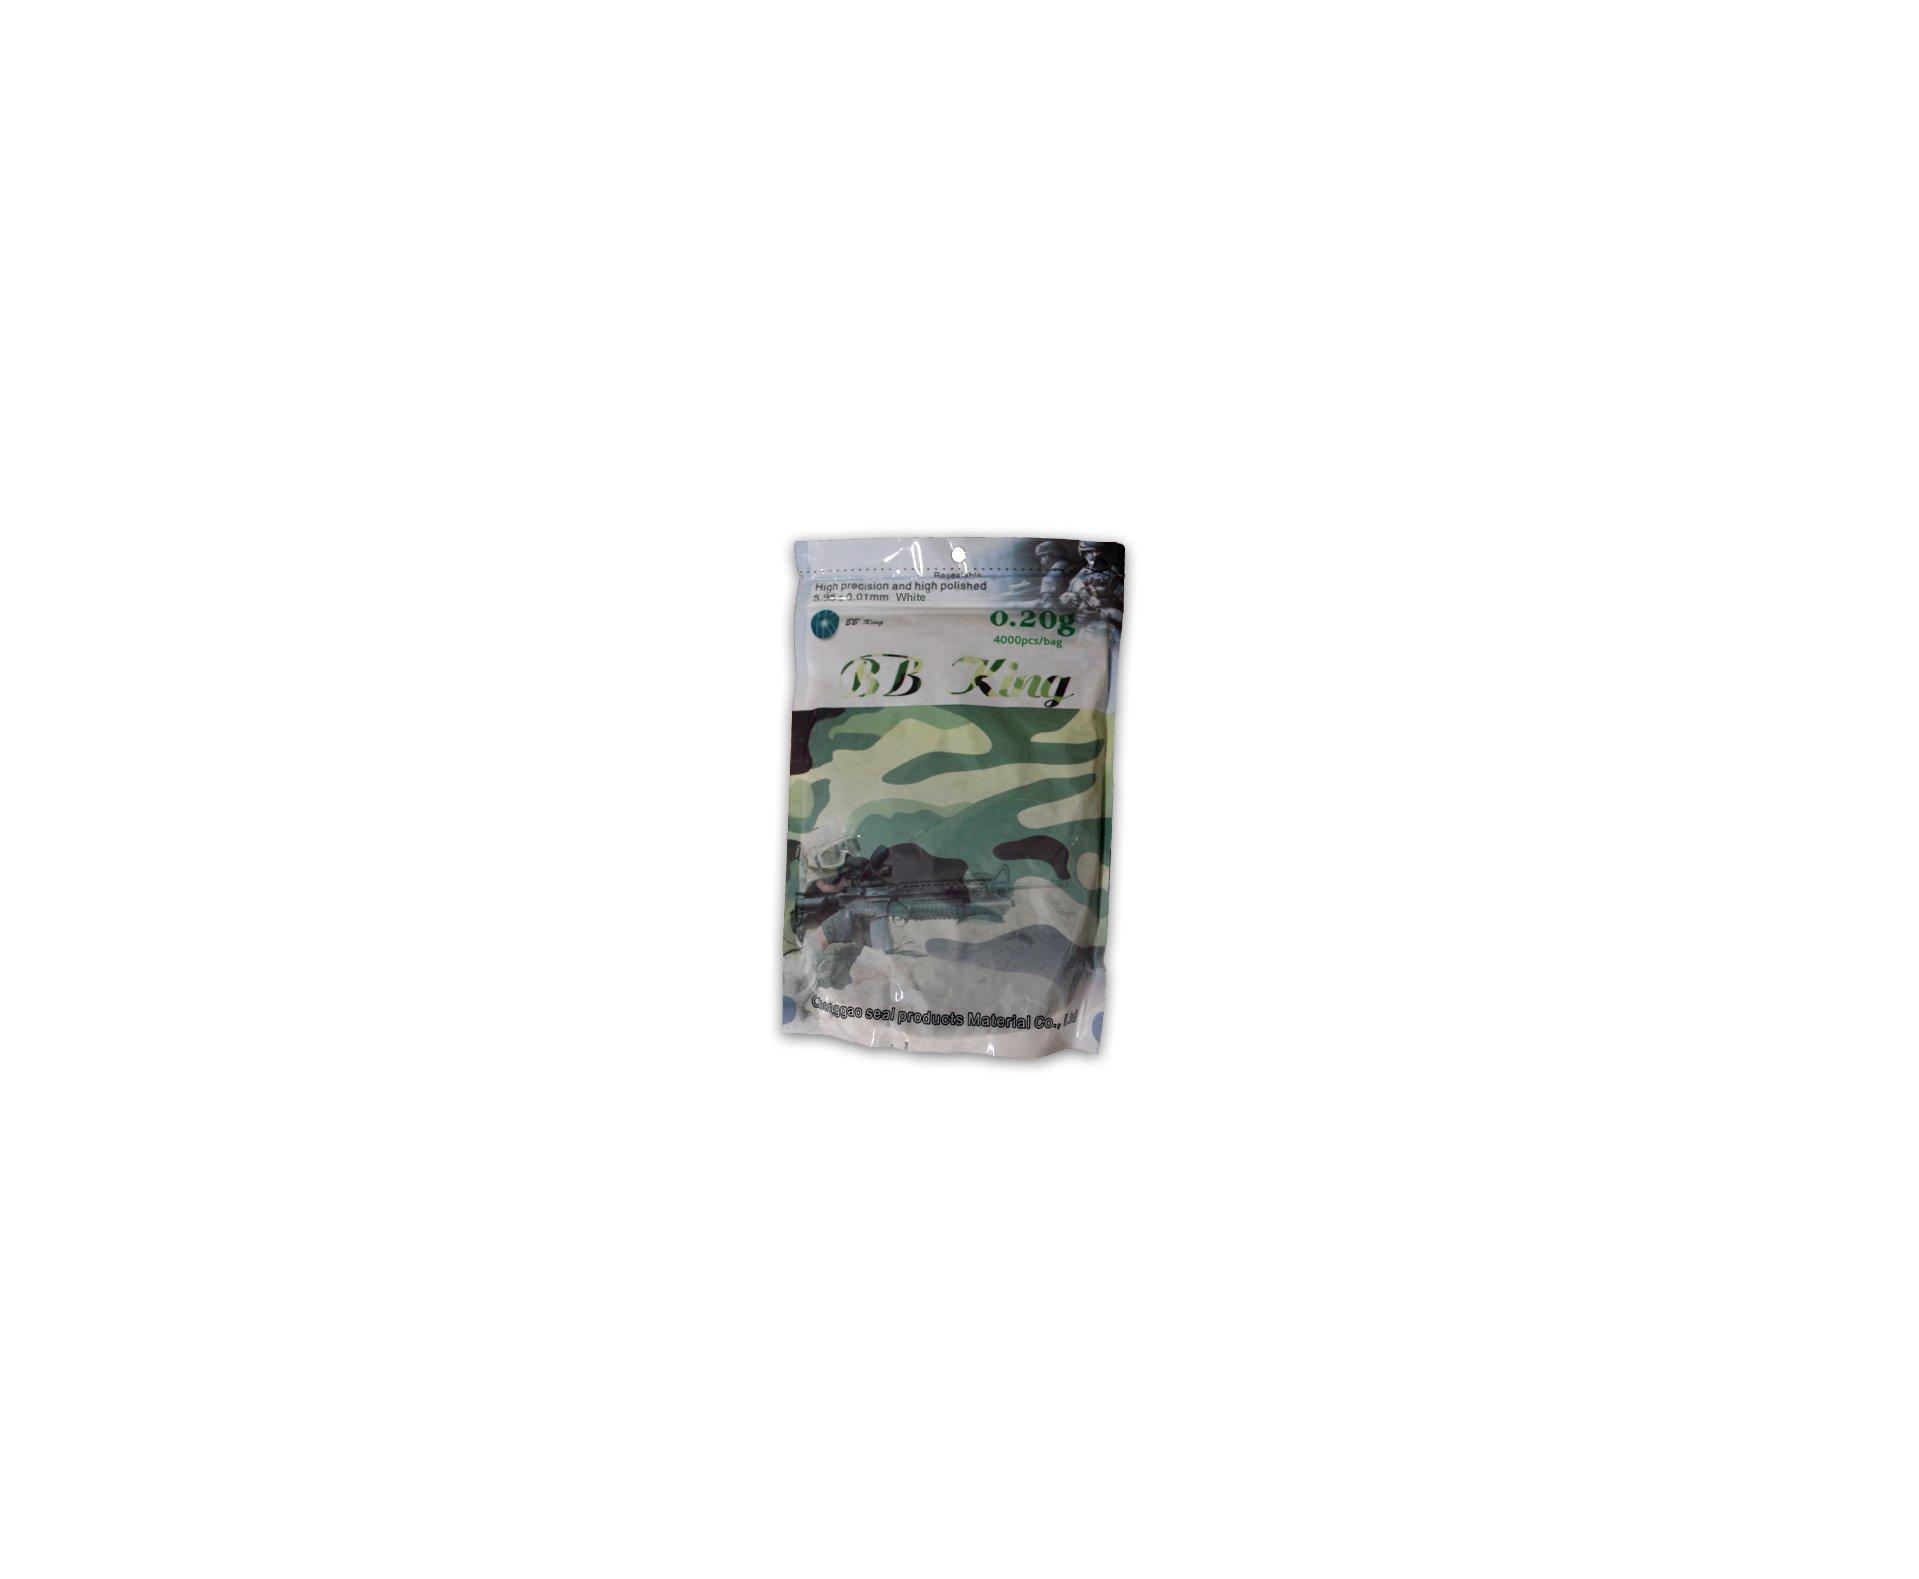 Revólver Airsoft Green Gas Gbb M-586 6t Black Ug135b 6,0 + 1 Refil Gbb + Bbs 0,20g